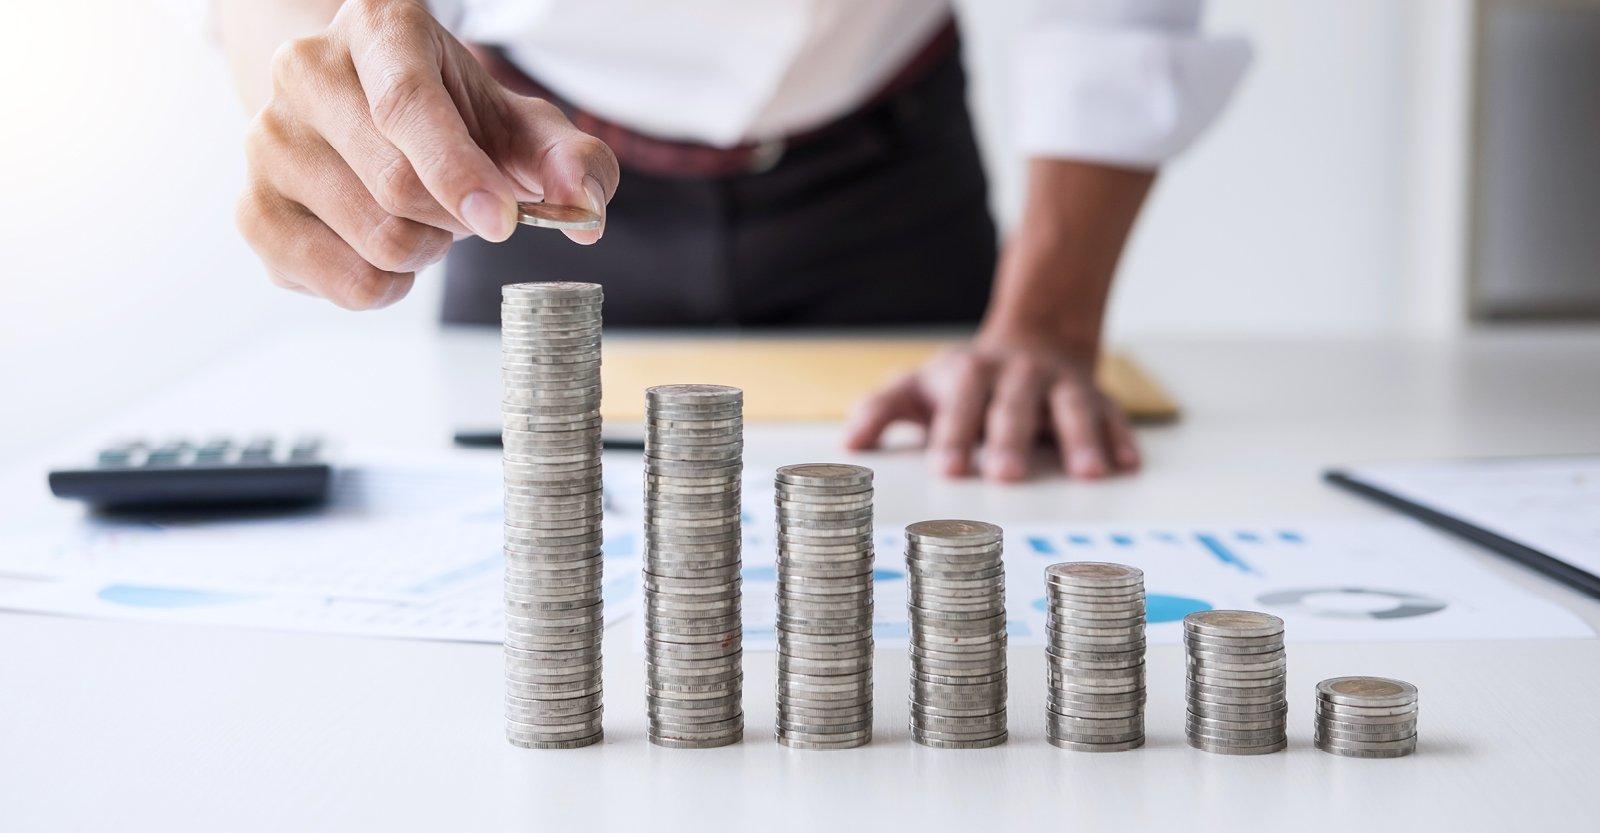 Verhoogde investeringsaftrek omwille van COVID-19